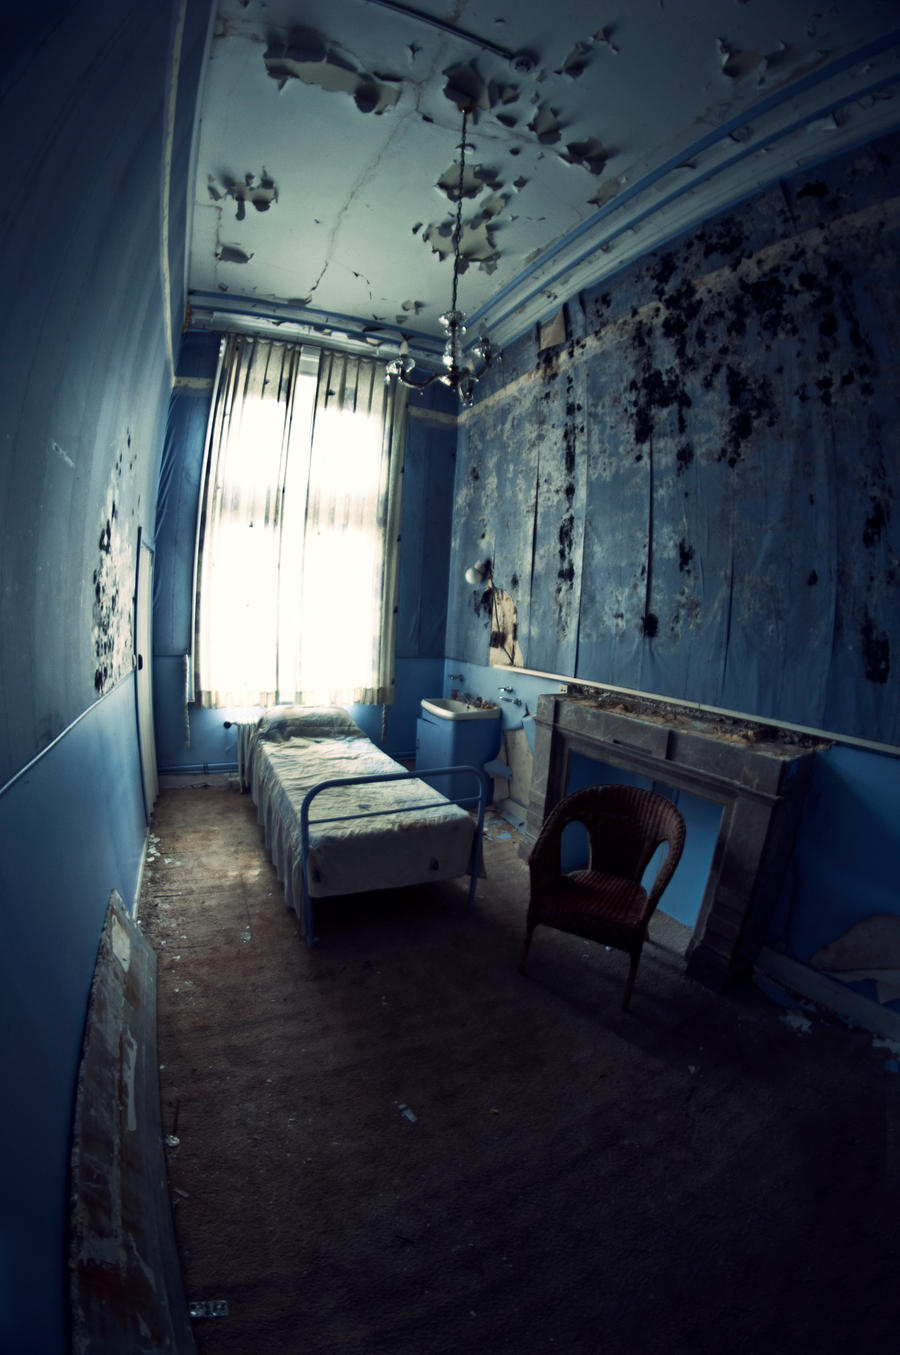 The Blue Room by kKimago